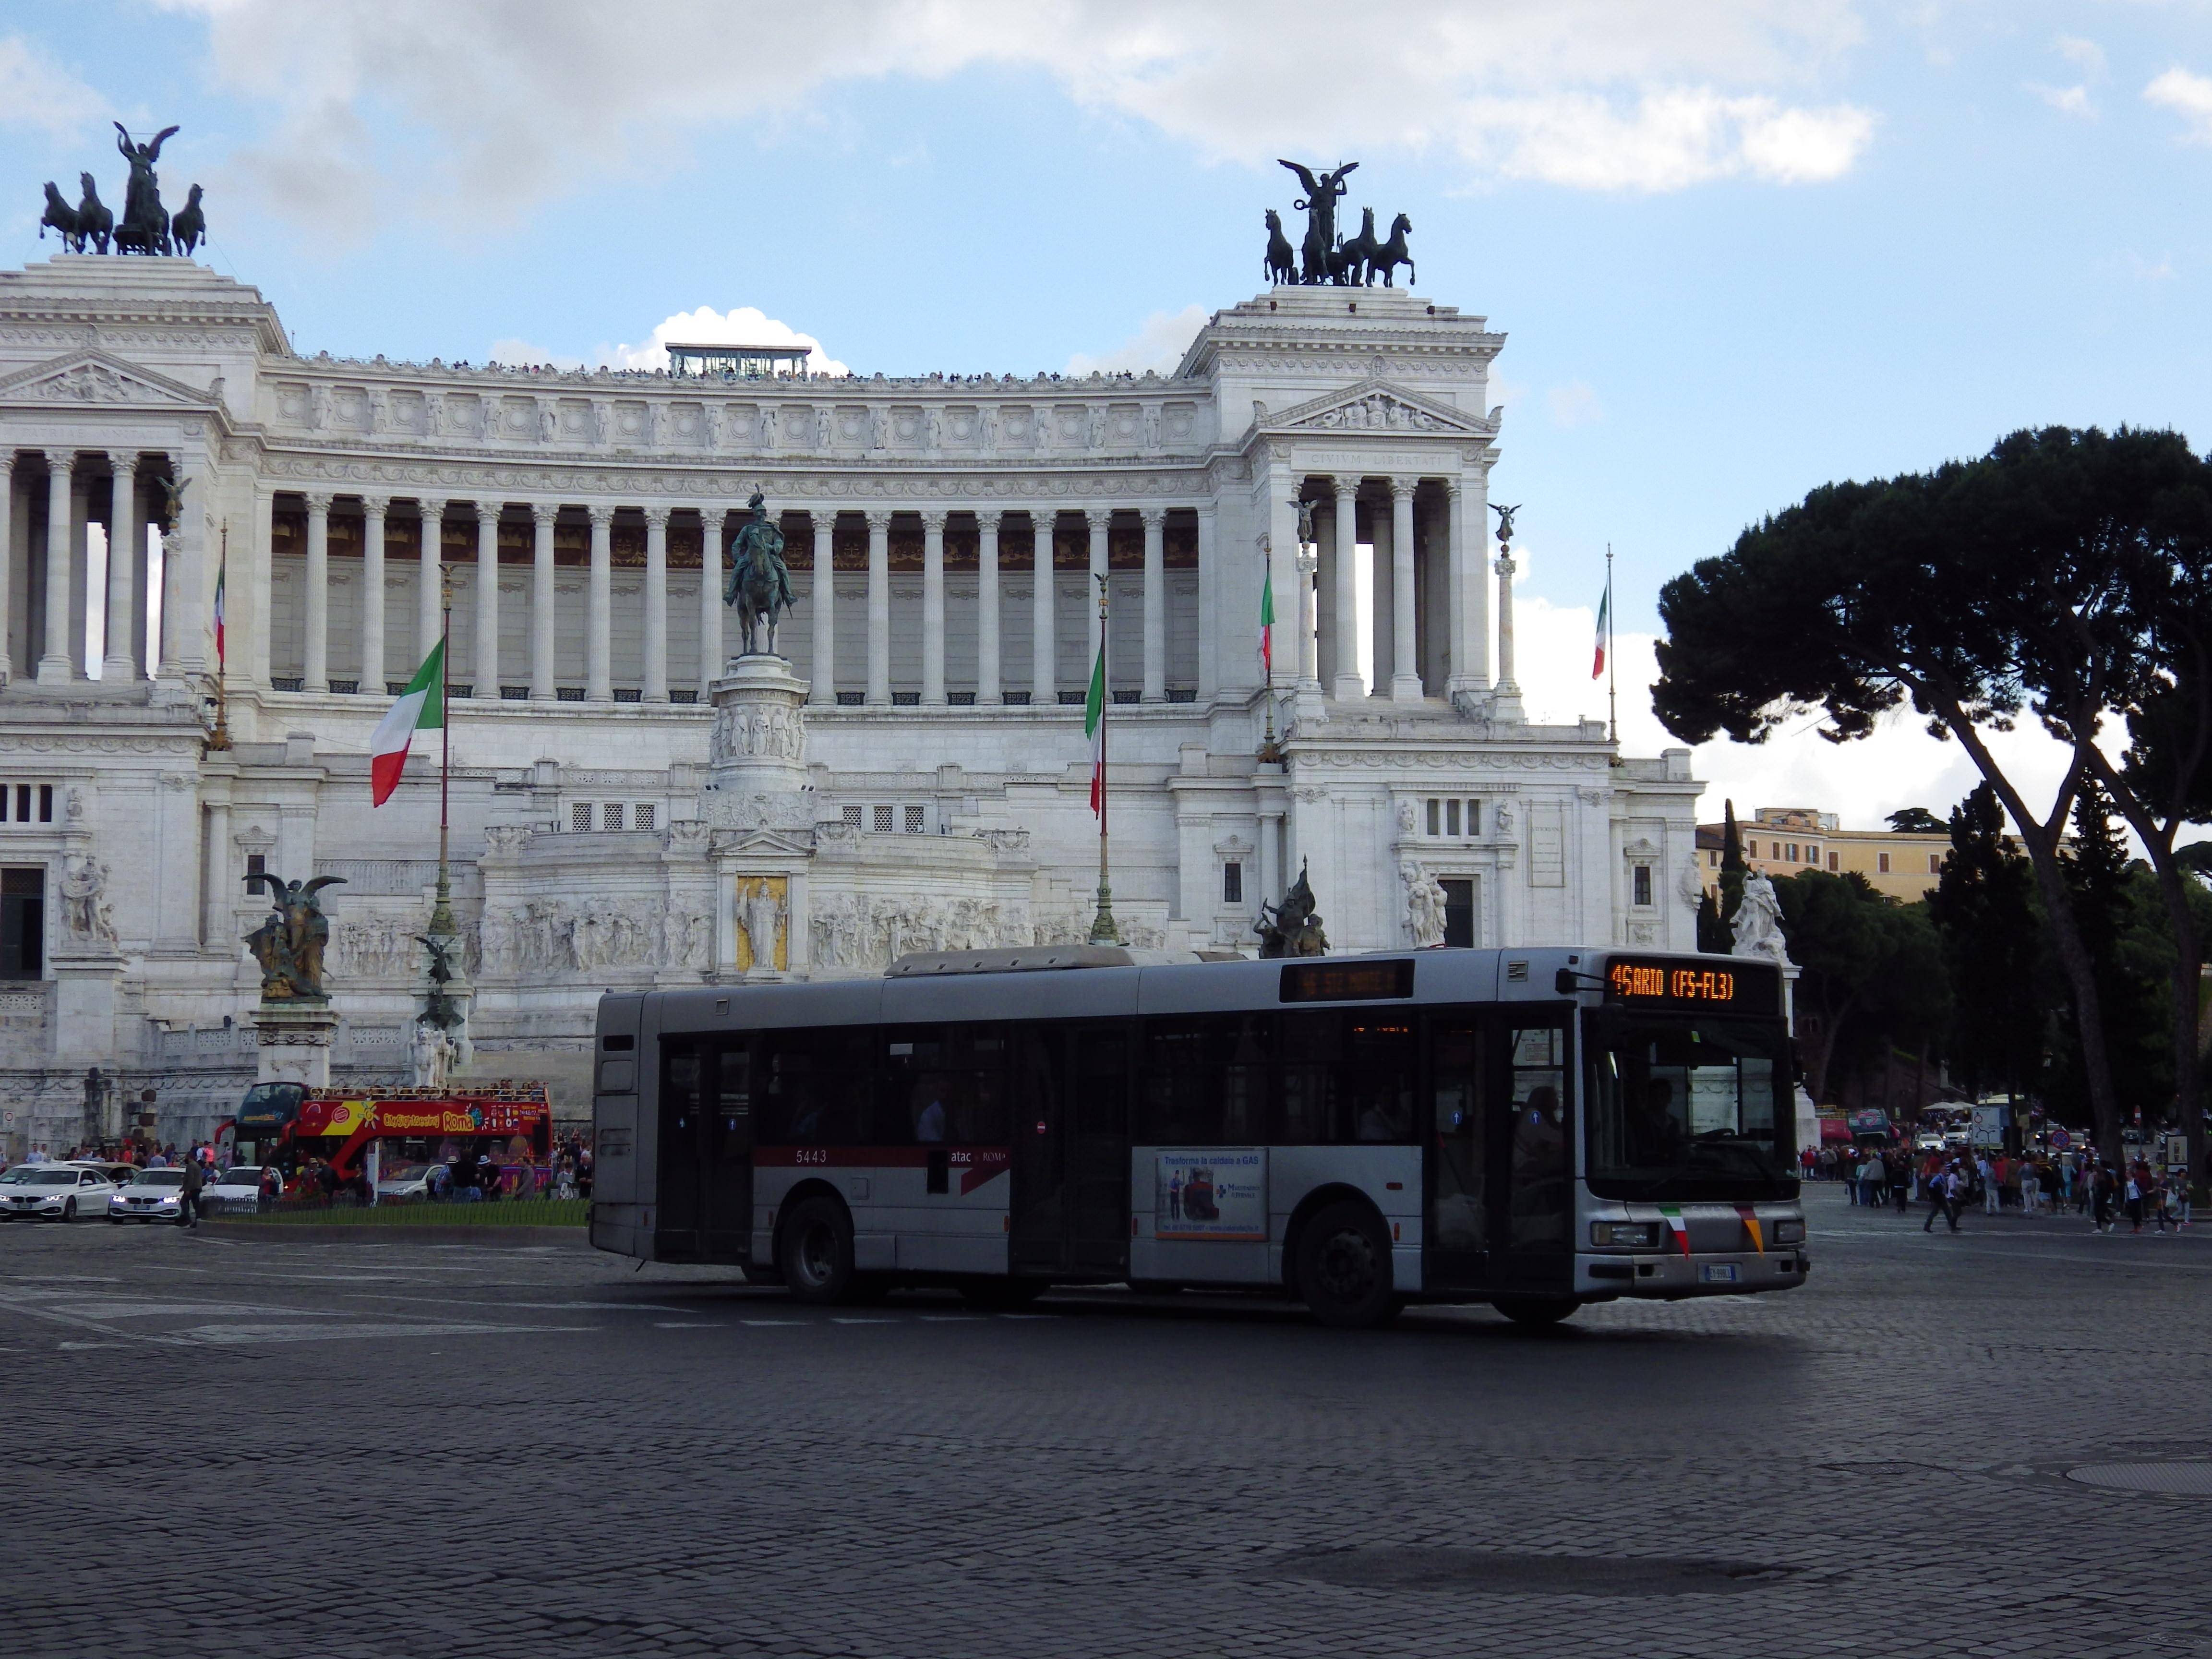 Piazza Venezia Rom mit dem Monumento Vittorio Emanuele II